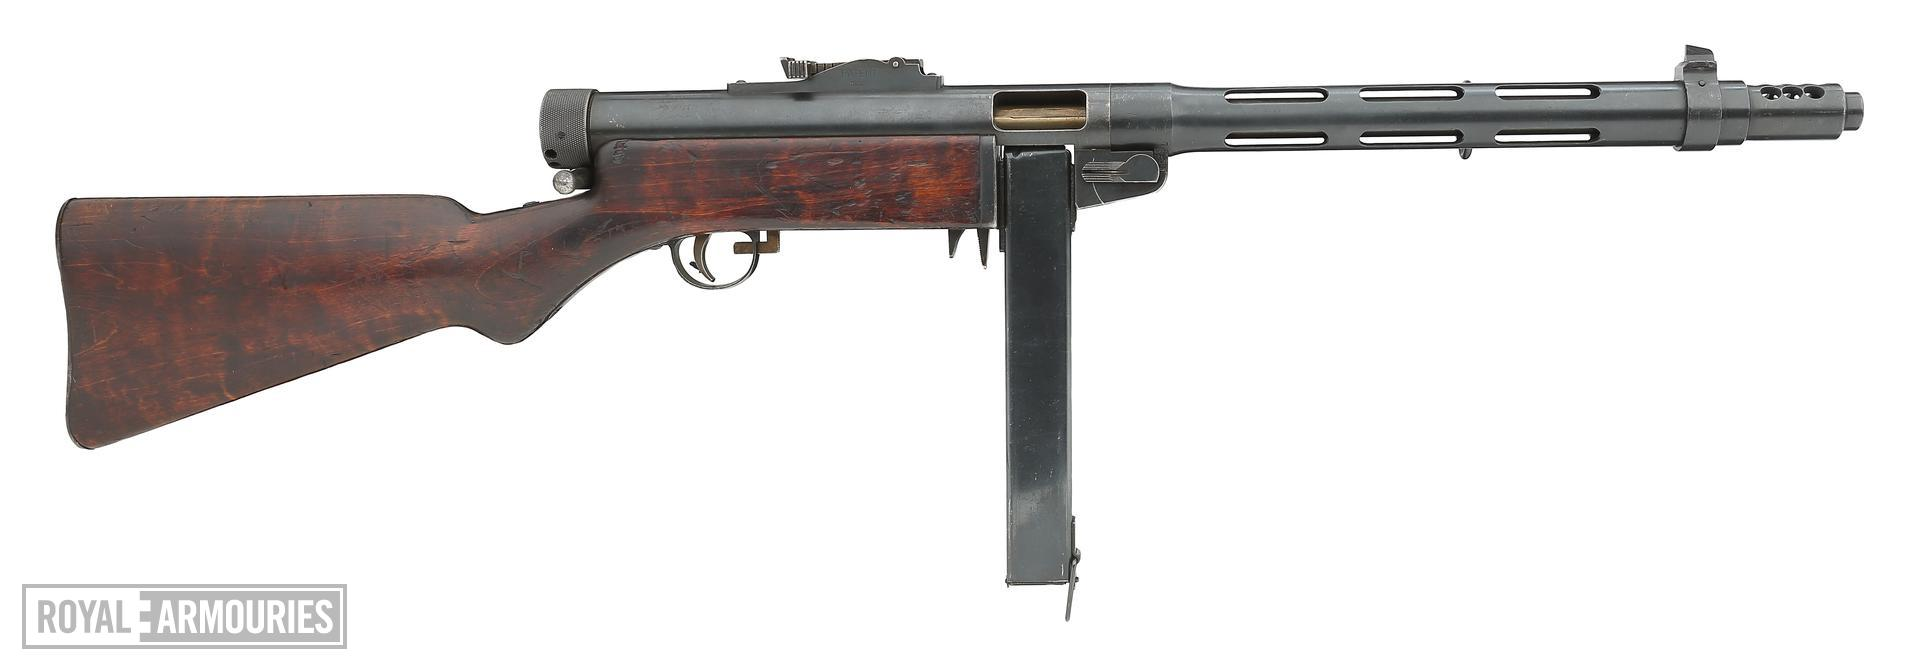 Centrefire automatic submachine gun - Suomi KP M31 SJR